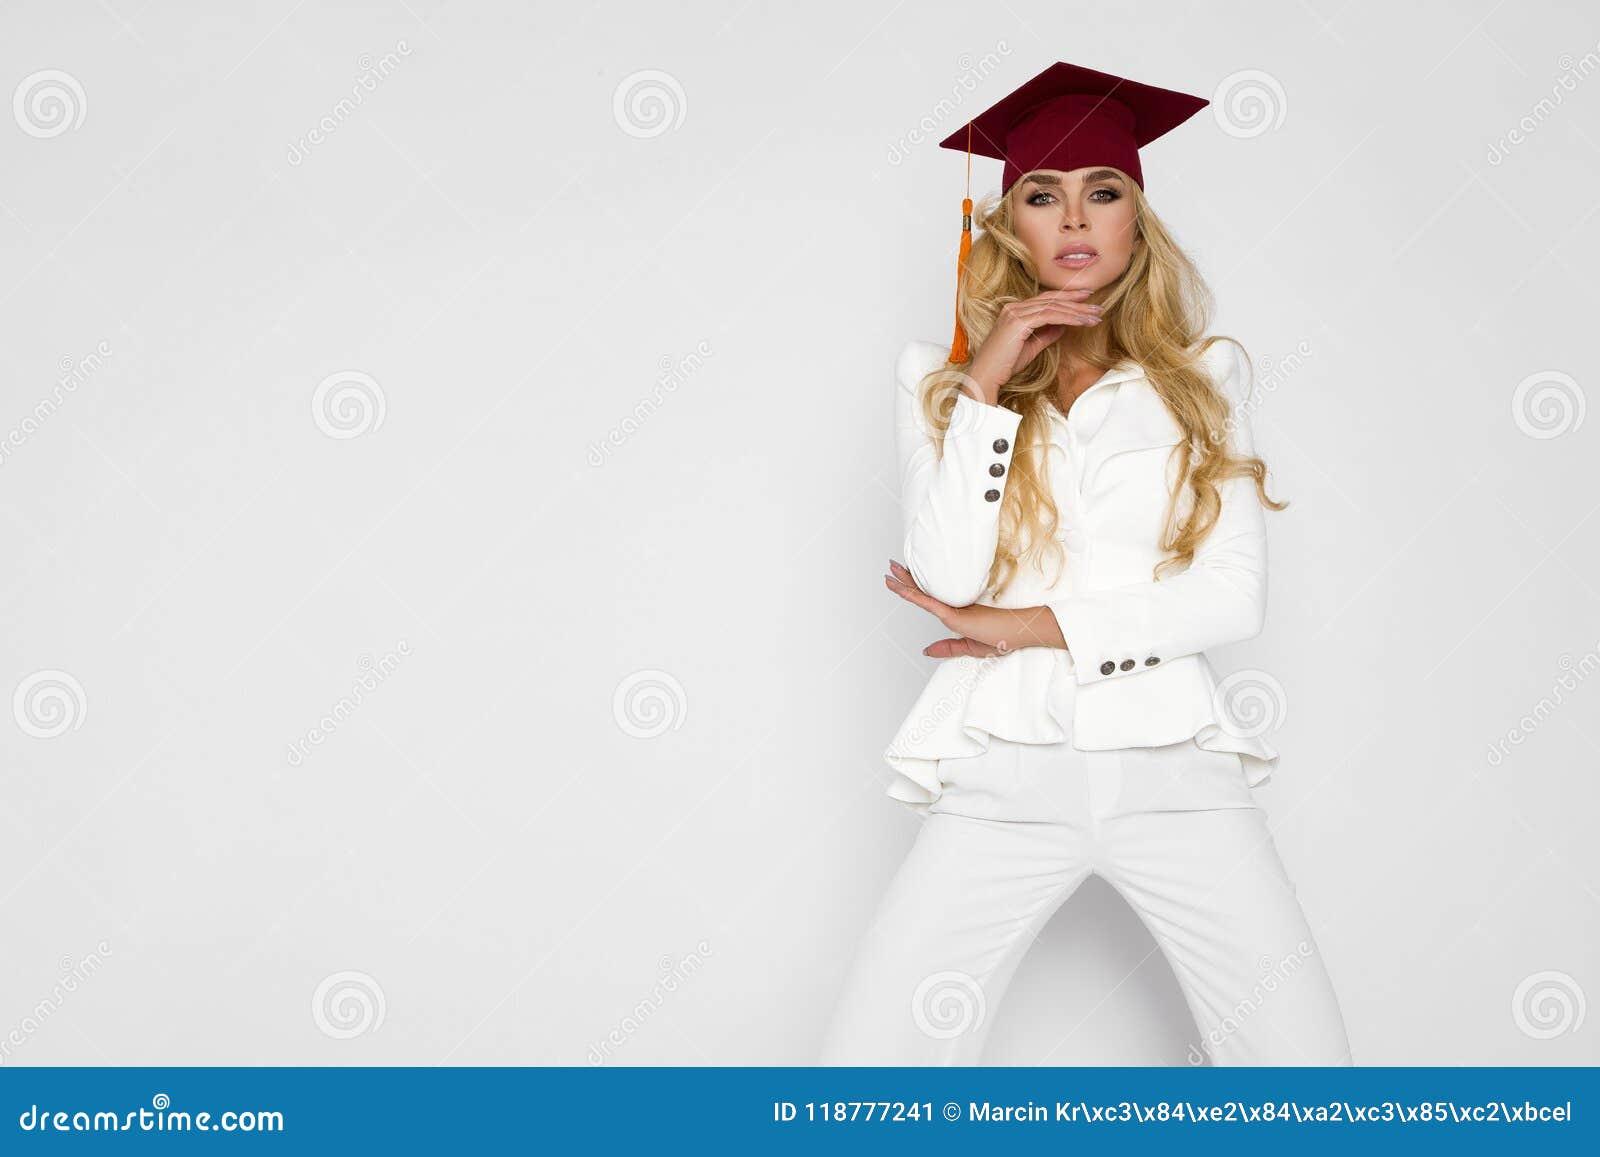 Ο όμορφος σπουδαστής τελειώνει τις μελέτες της Απαλλαγή μιας όμορφης γυναίκας